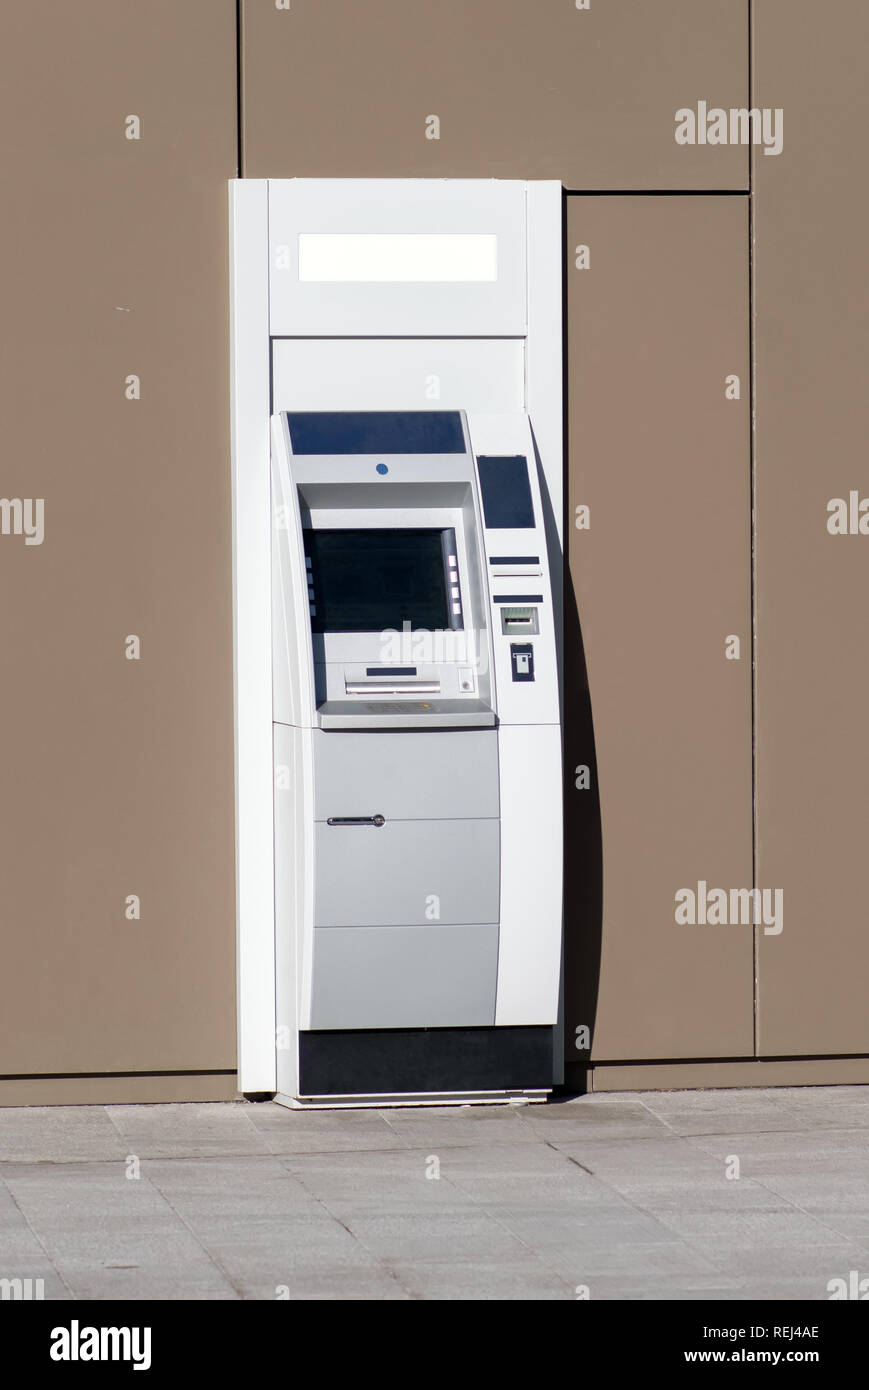 Automatische Bankangestellter außerhalb einer Bank Gebäude auf der Straße für Personal Banking, zurückzuziehen und Bargeld einzahlen Stockbild